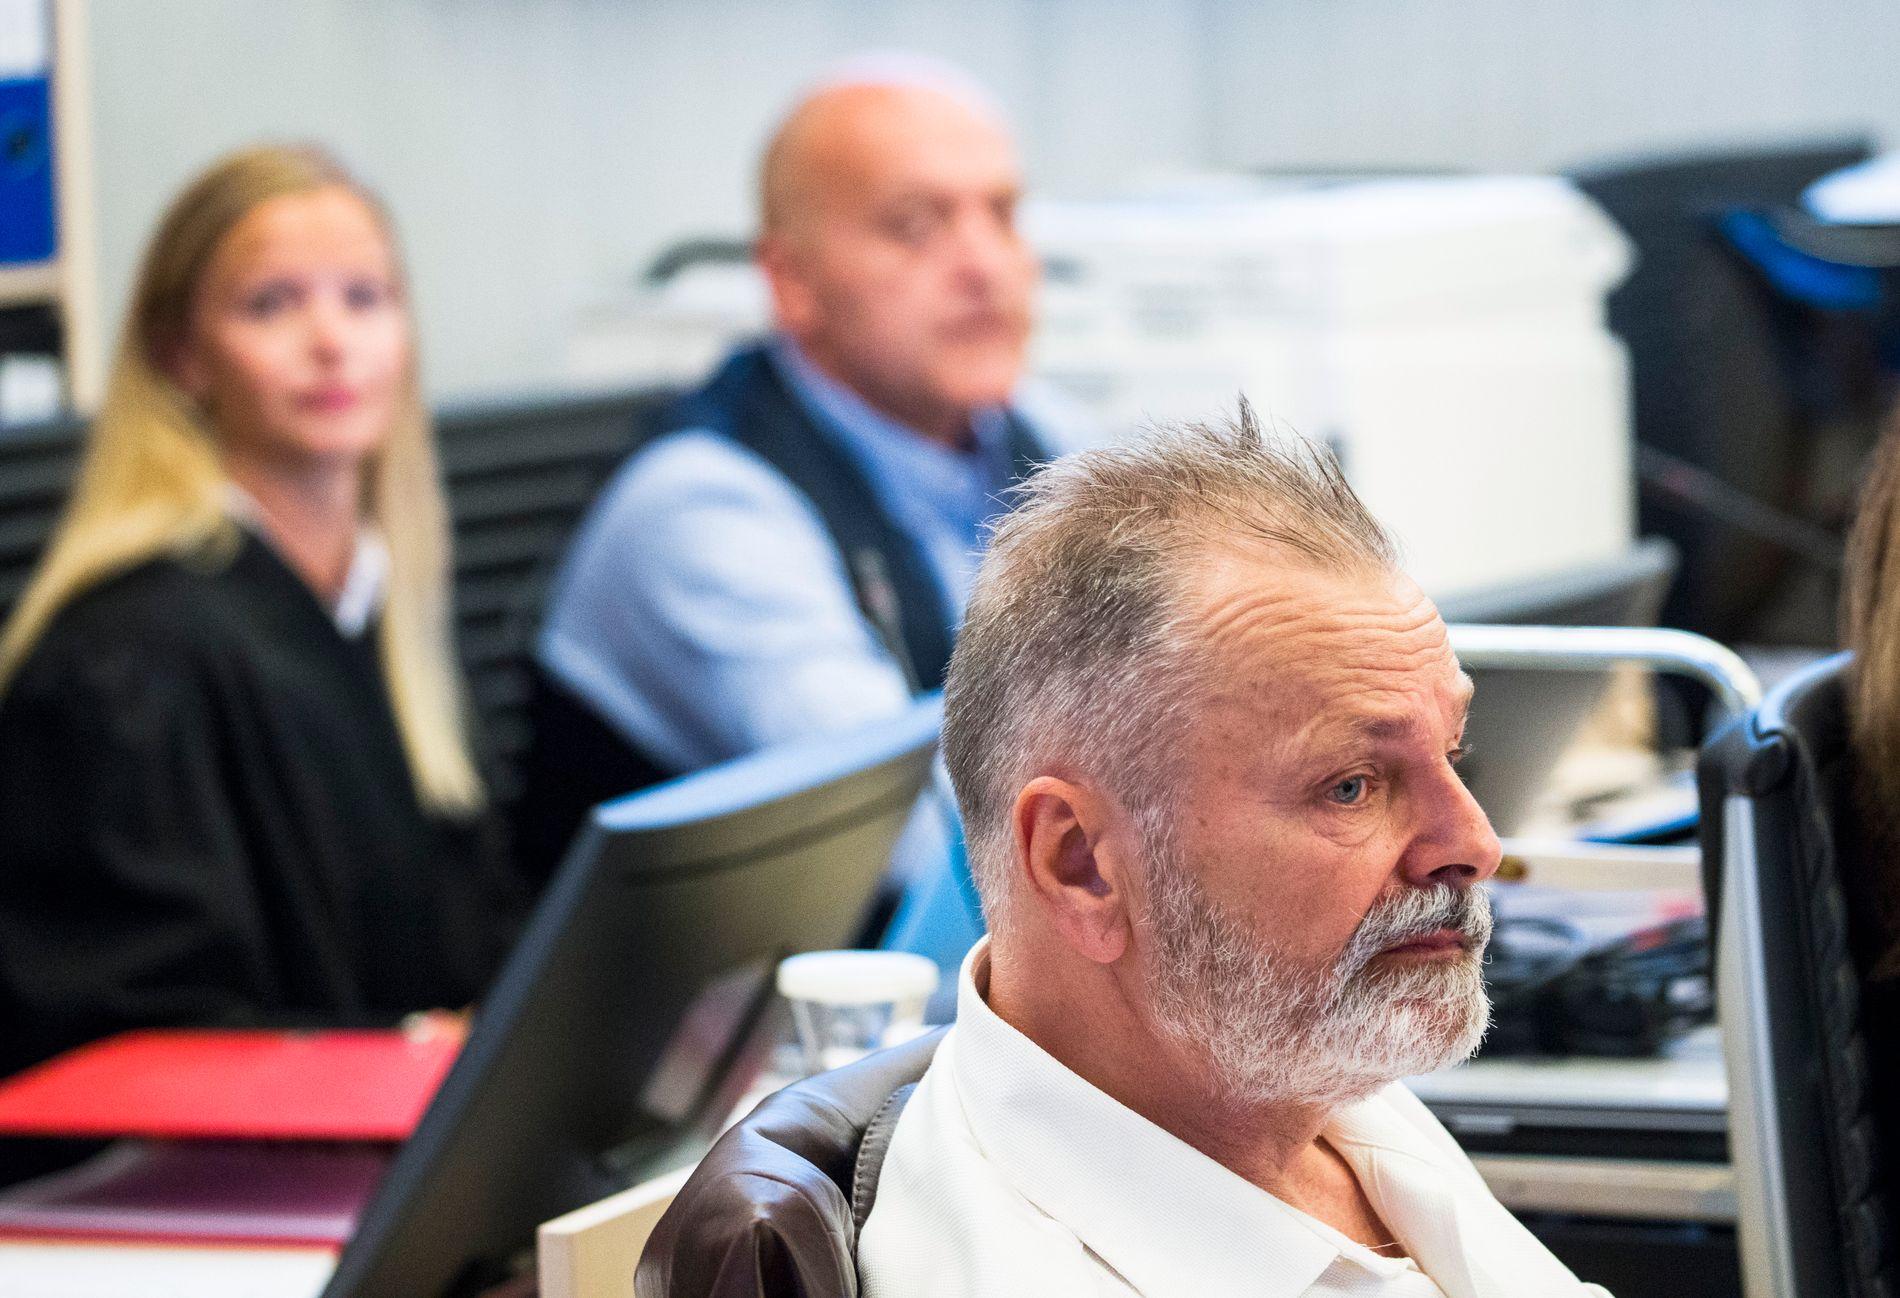 FERDIG MED 11 DAGERS UTSPØRRING: Erik Jensen forsøker å renvaske seg fra korrupsjons- og narkodommen.